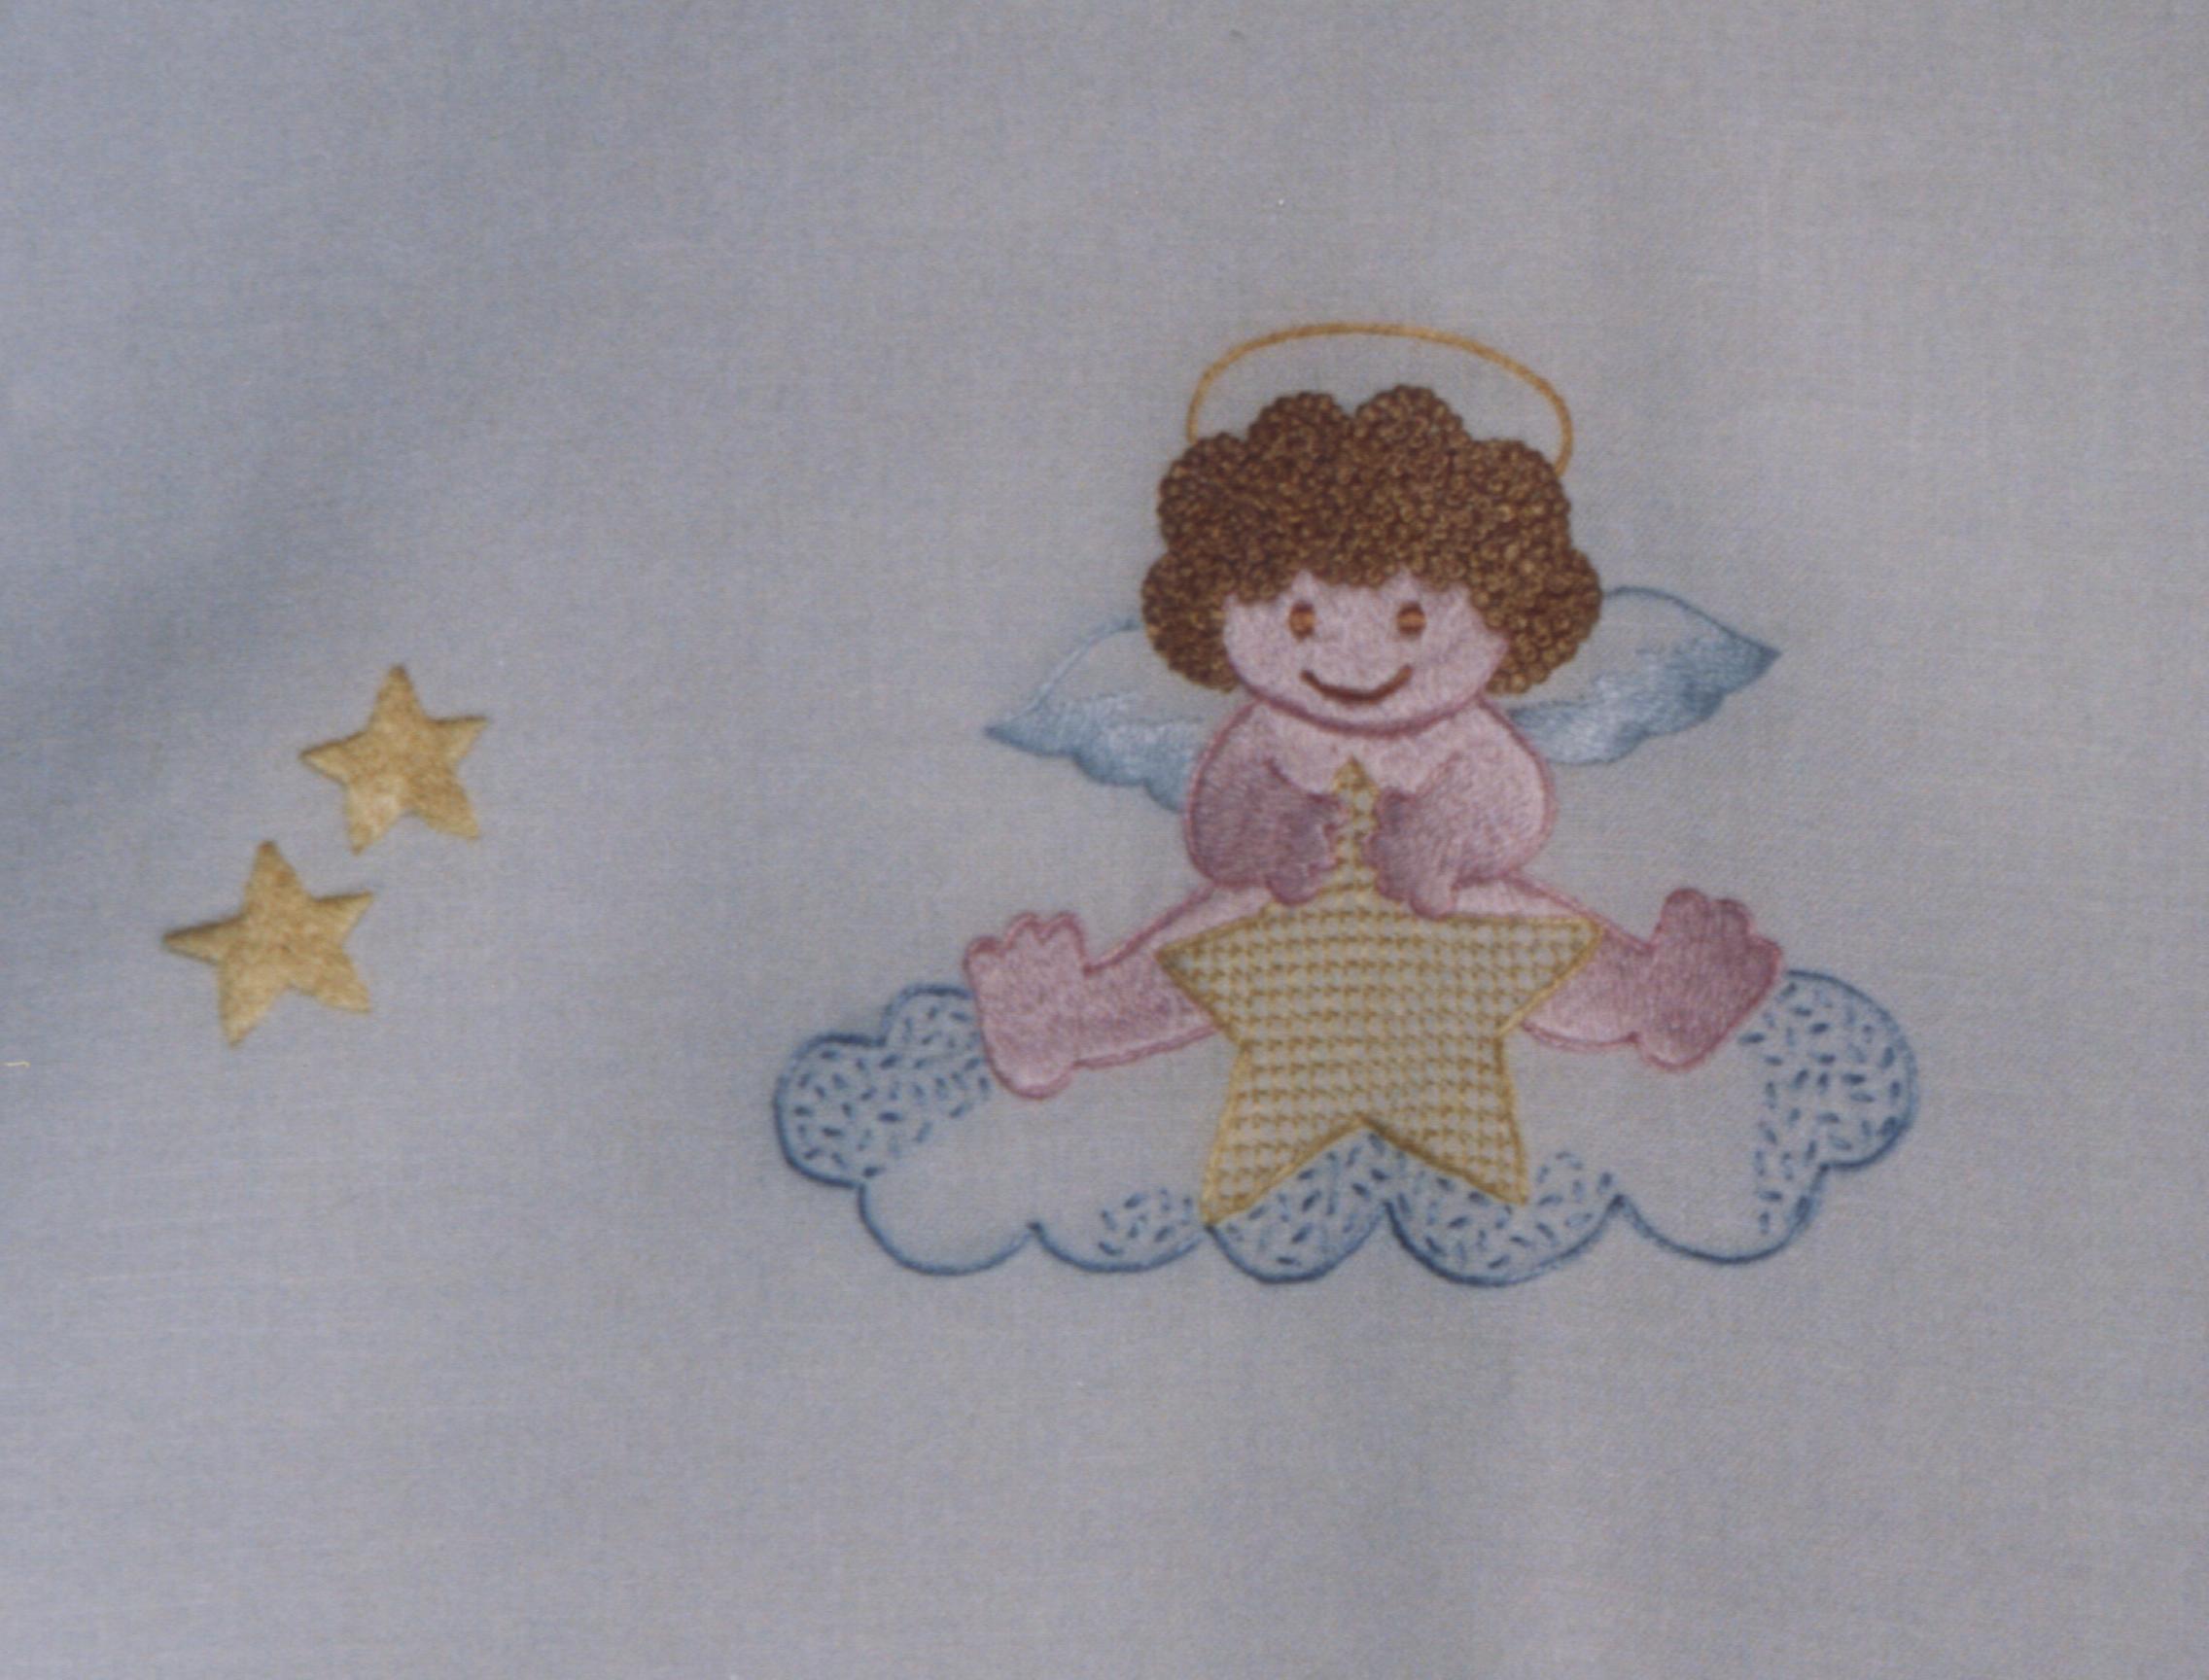 I lavori di maria chiara arte del ricamo for Ricami punto croce neonati